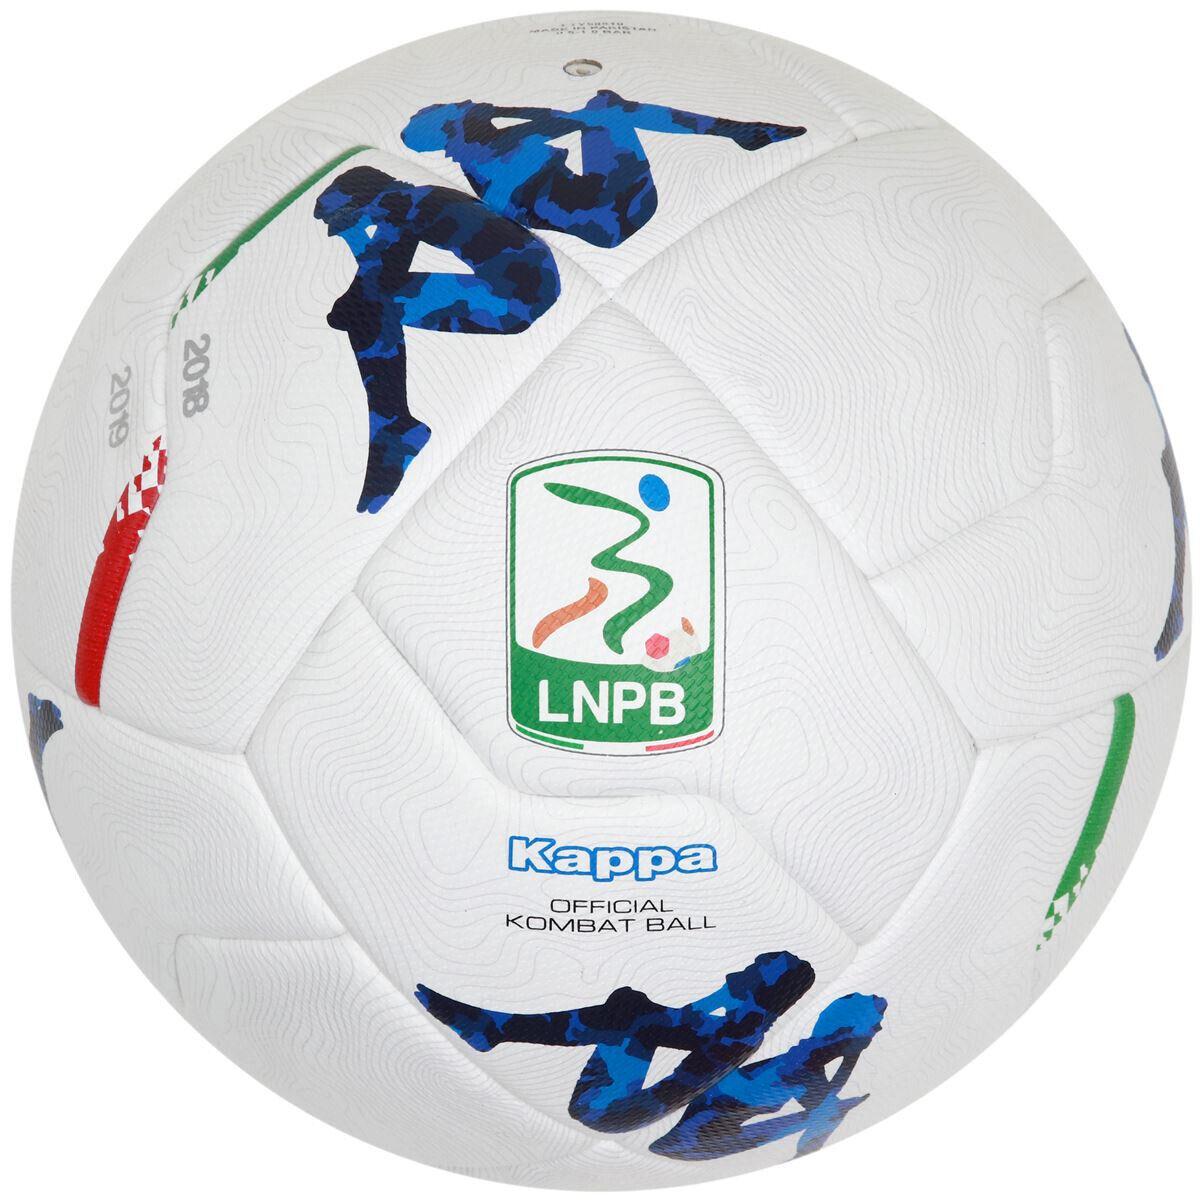 Kappa Lega Nazionale Serie B LNPB 2018 19 Kombat Ball 20.1C THB FIFA 3031NT0 902